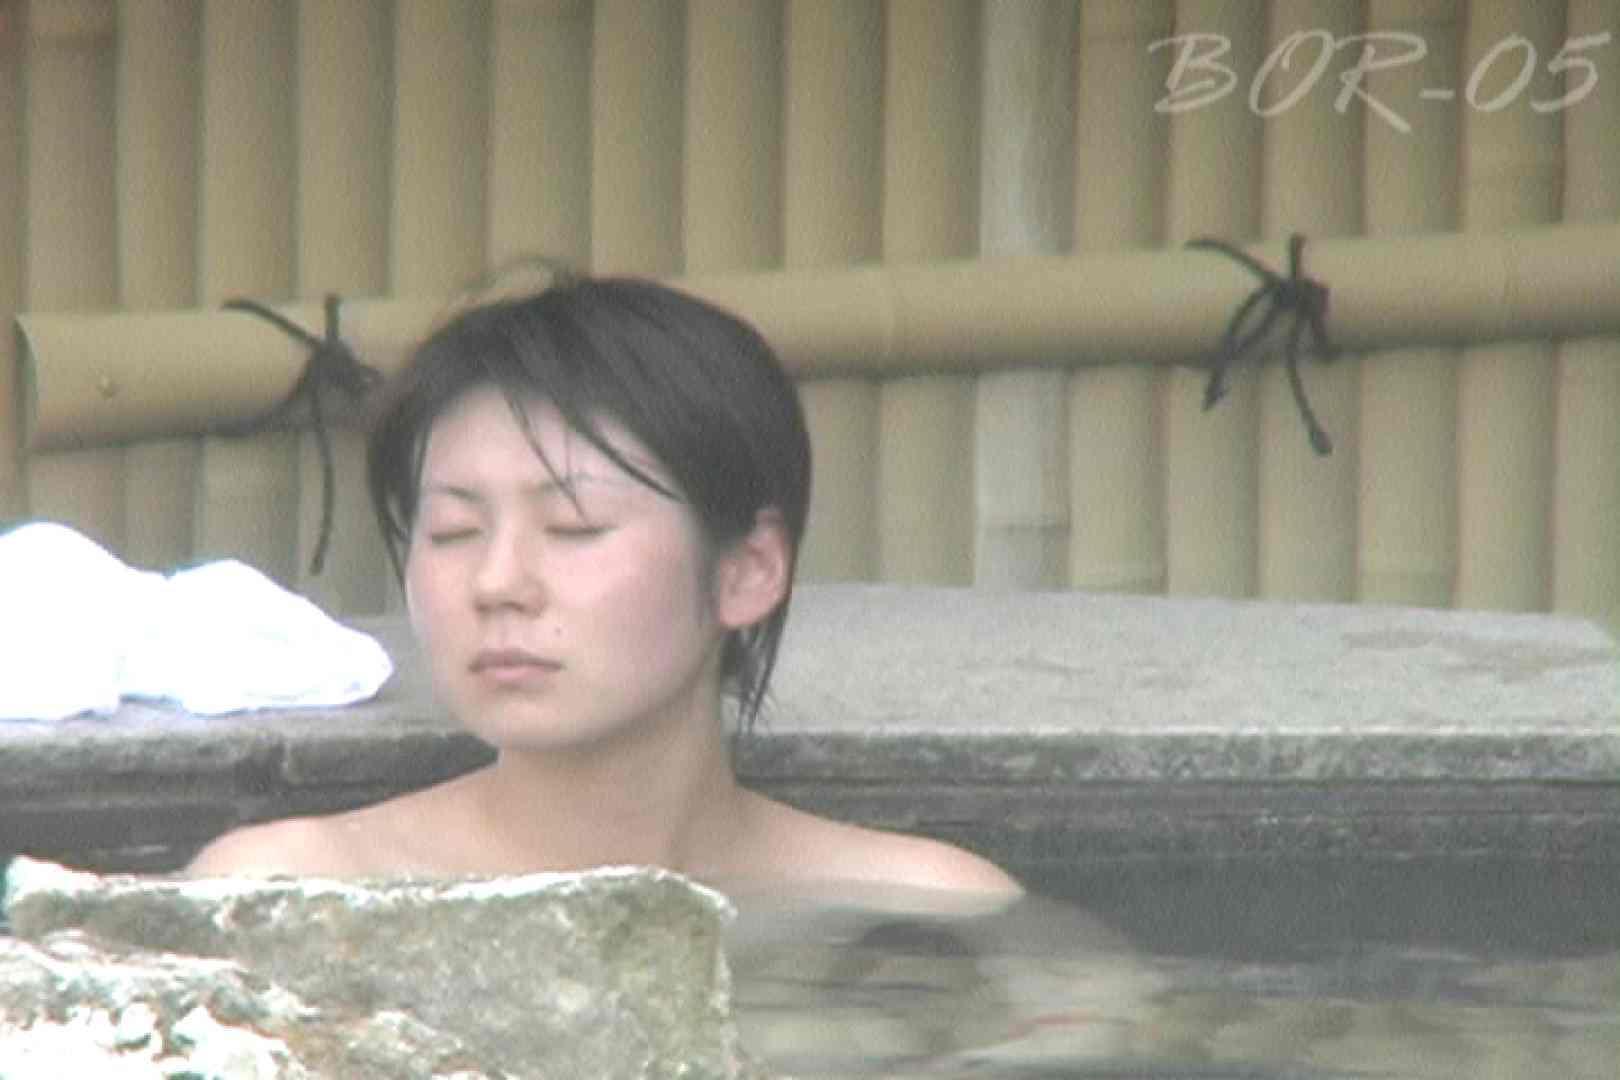 Aquaな露天風呂Vol.493 OLエロ画像  67PICs 42